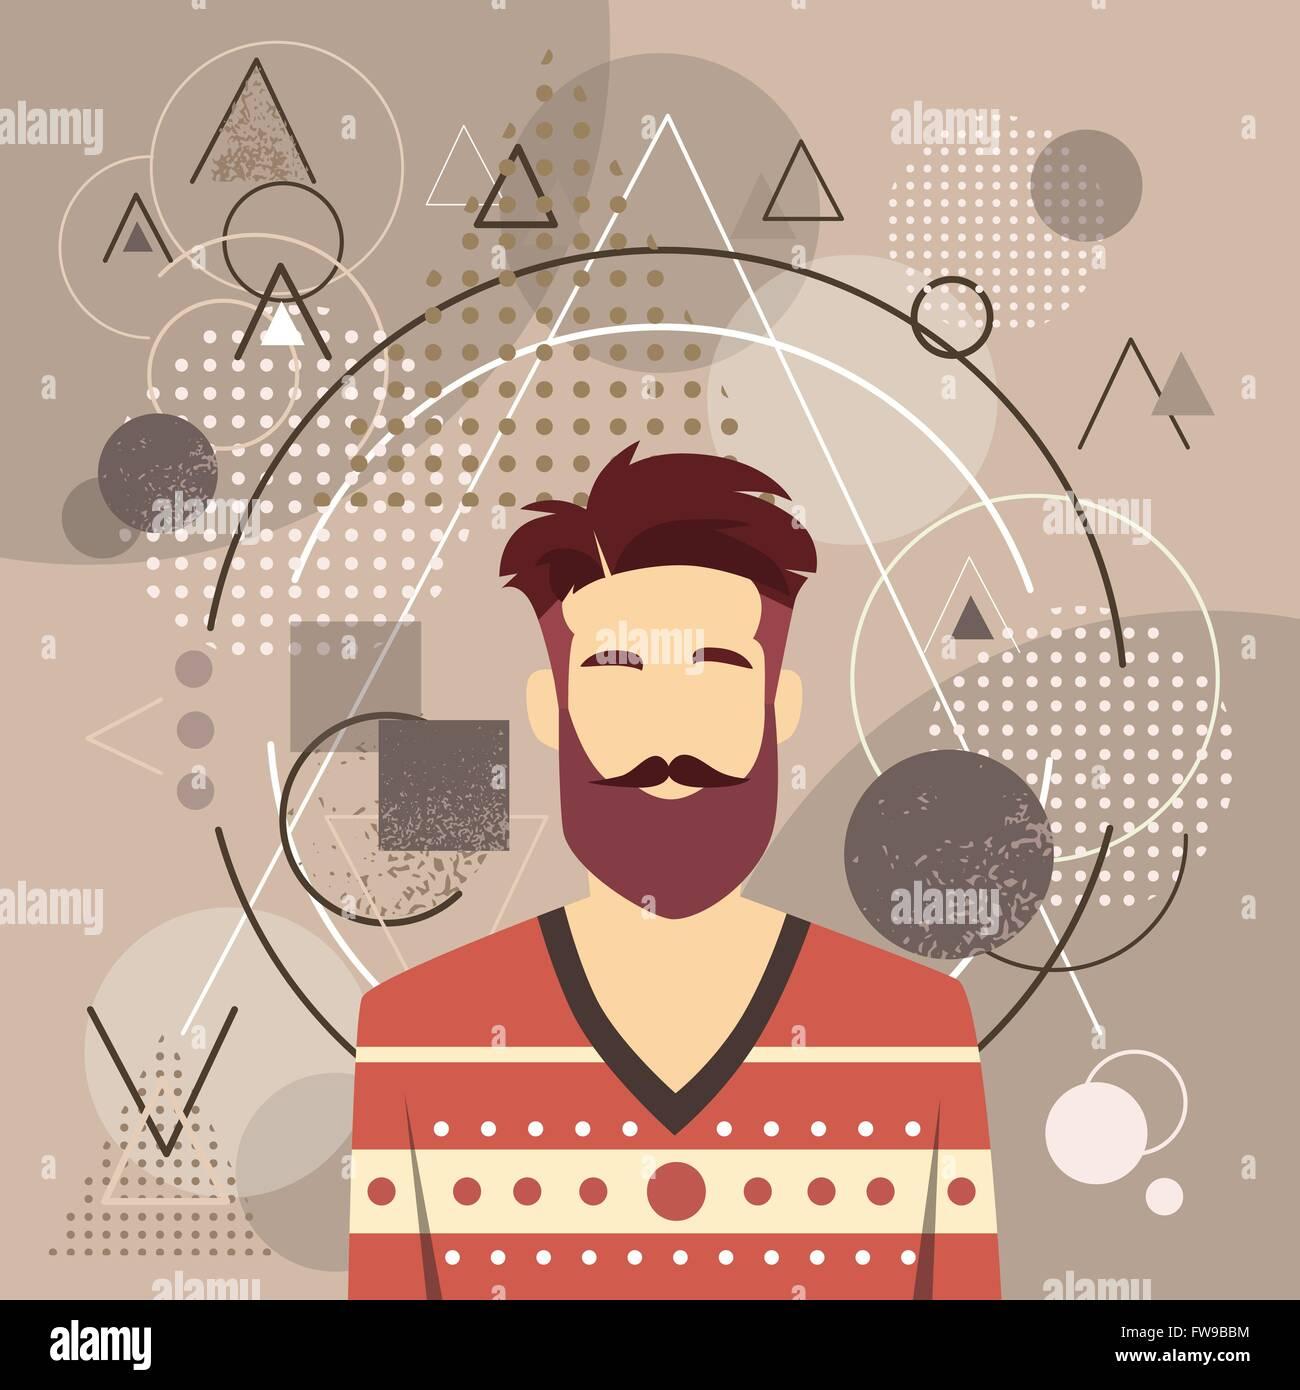 Profil Symbol Mannlichen Avatar Mann Hipster Stil Fashion Guy Bart